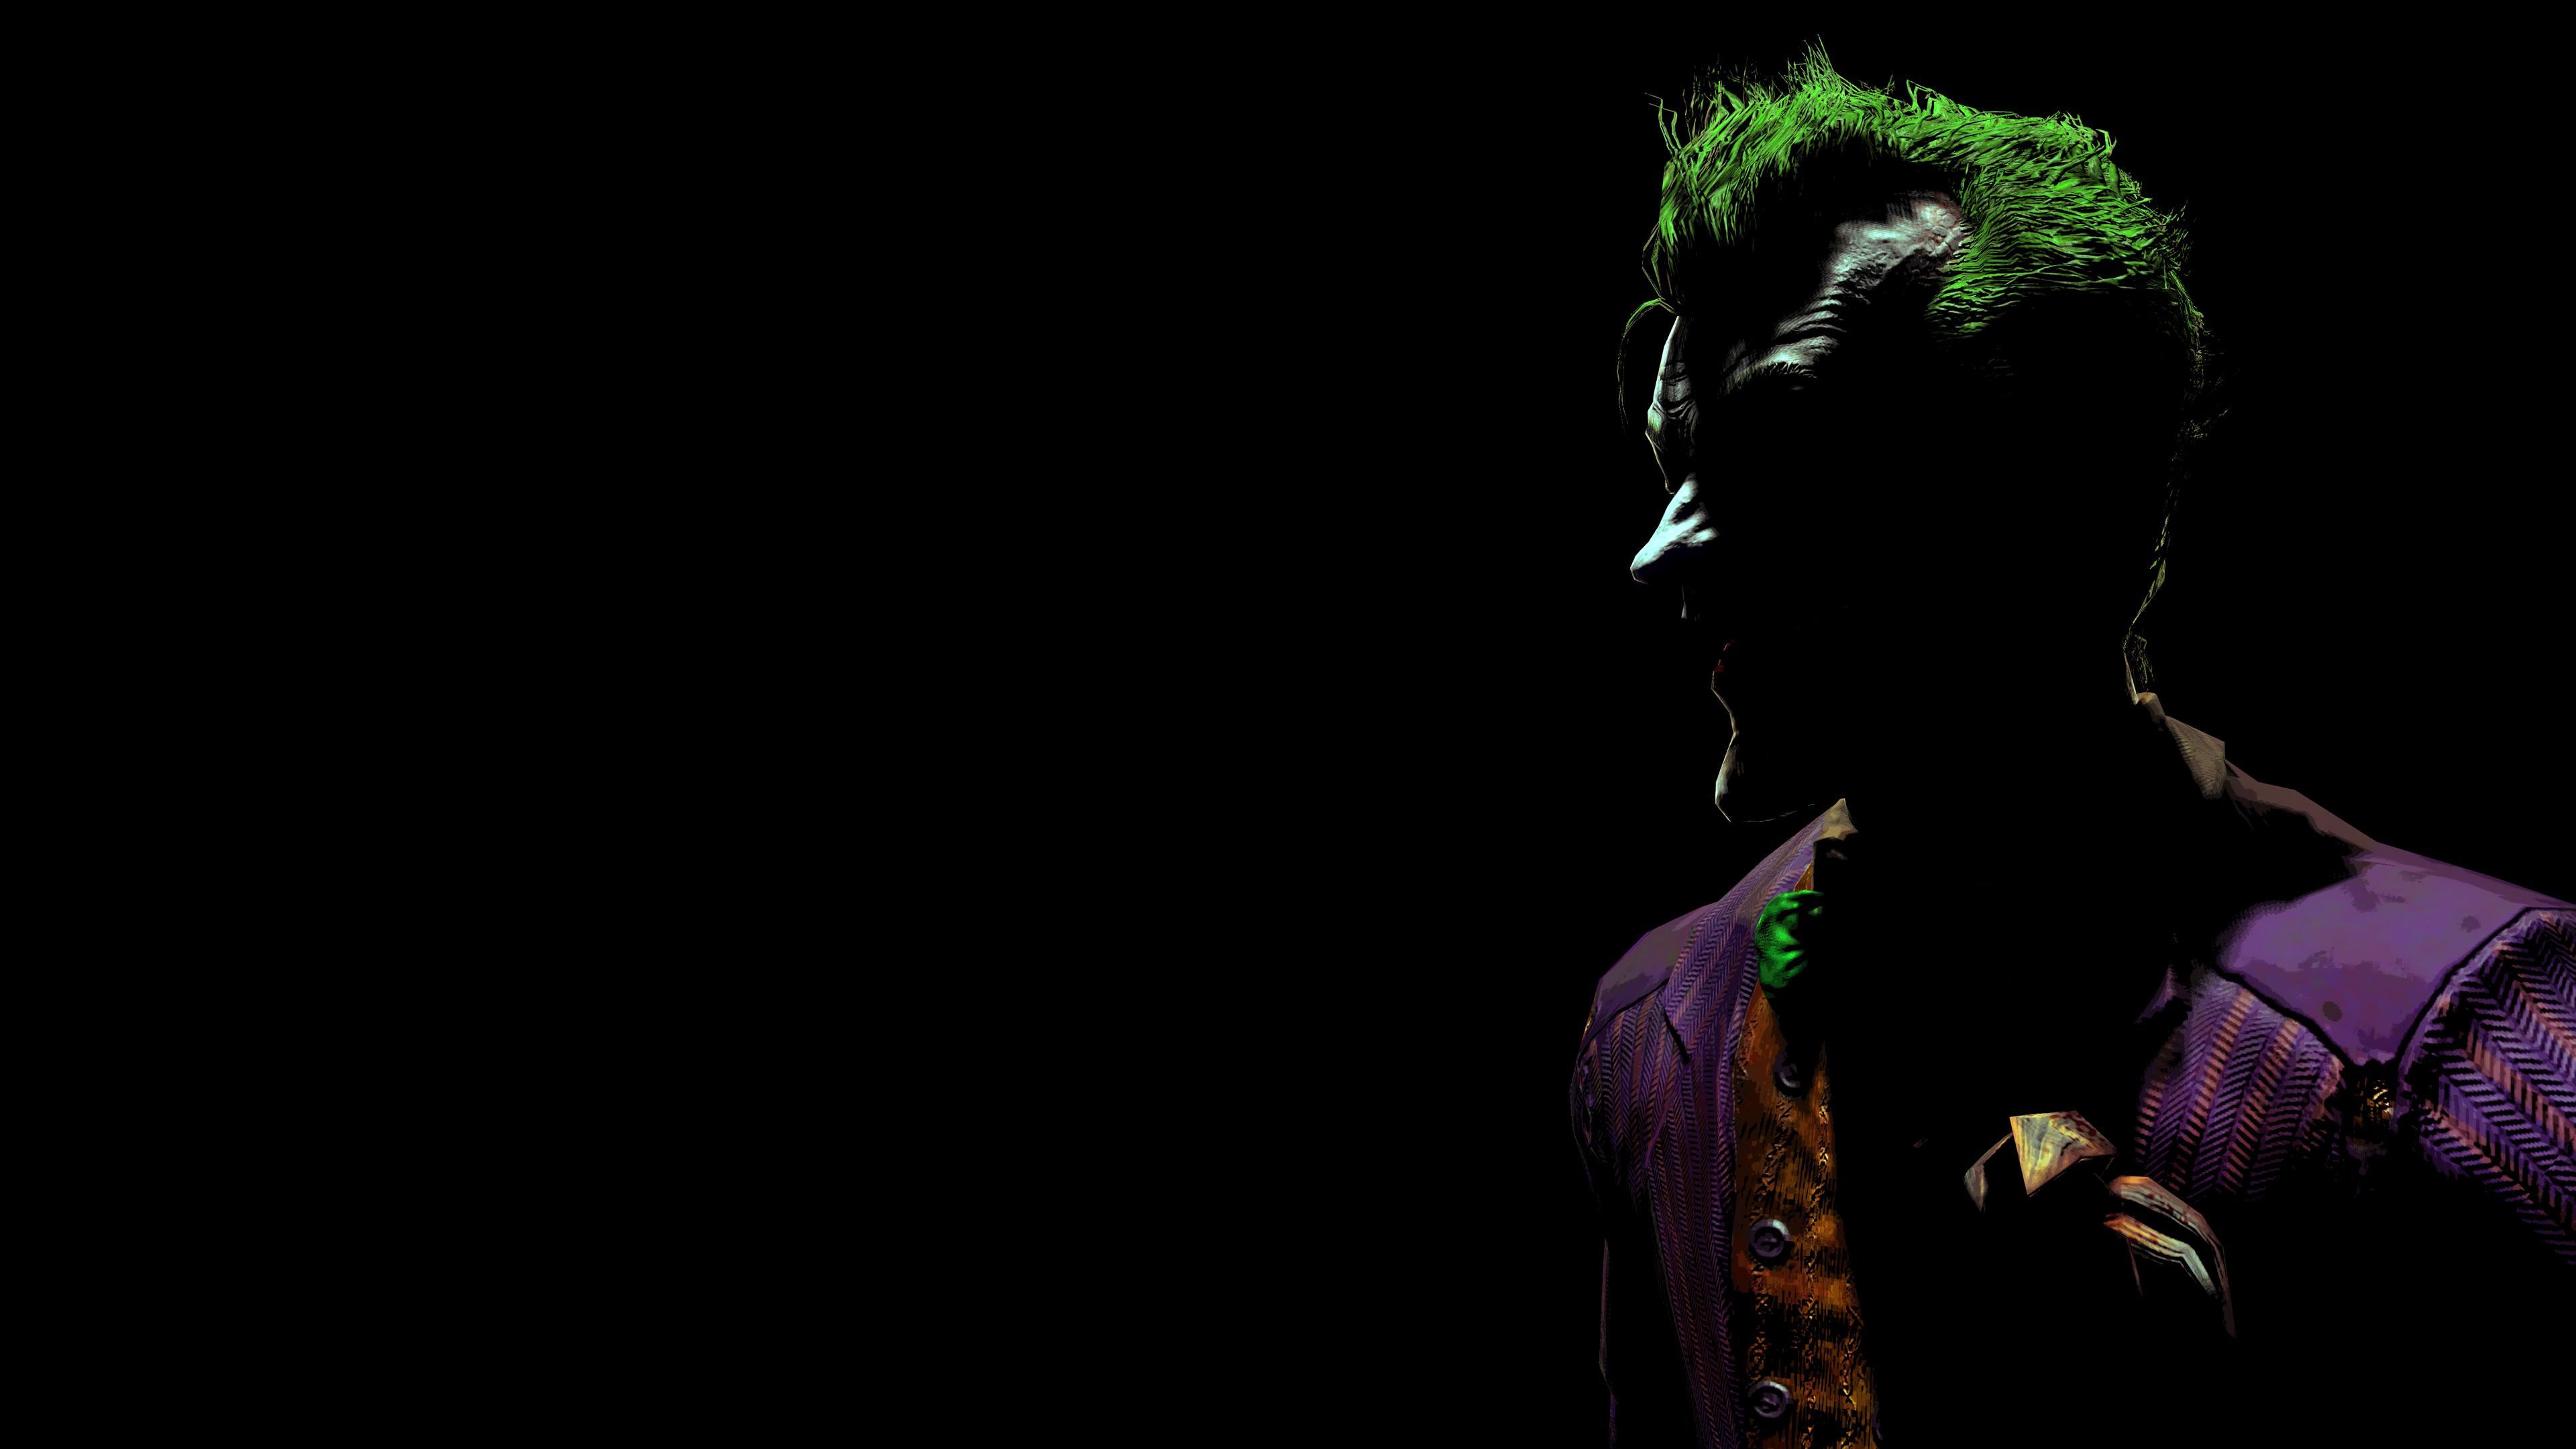 joker batman arkham asylum 1568054740 - Joker Batman Arkham Asylum - superheroes wallpapers, joker wallpapers, hd-wallpapers, digital art wallpapers, artwork wallpapers, artist wallpapers, 4k-wallpapers